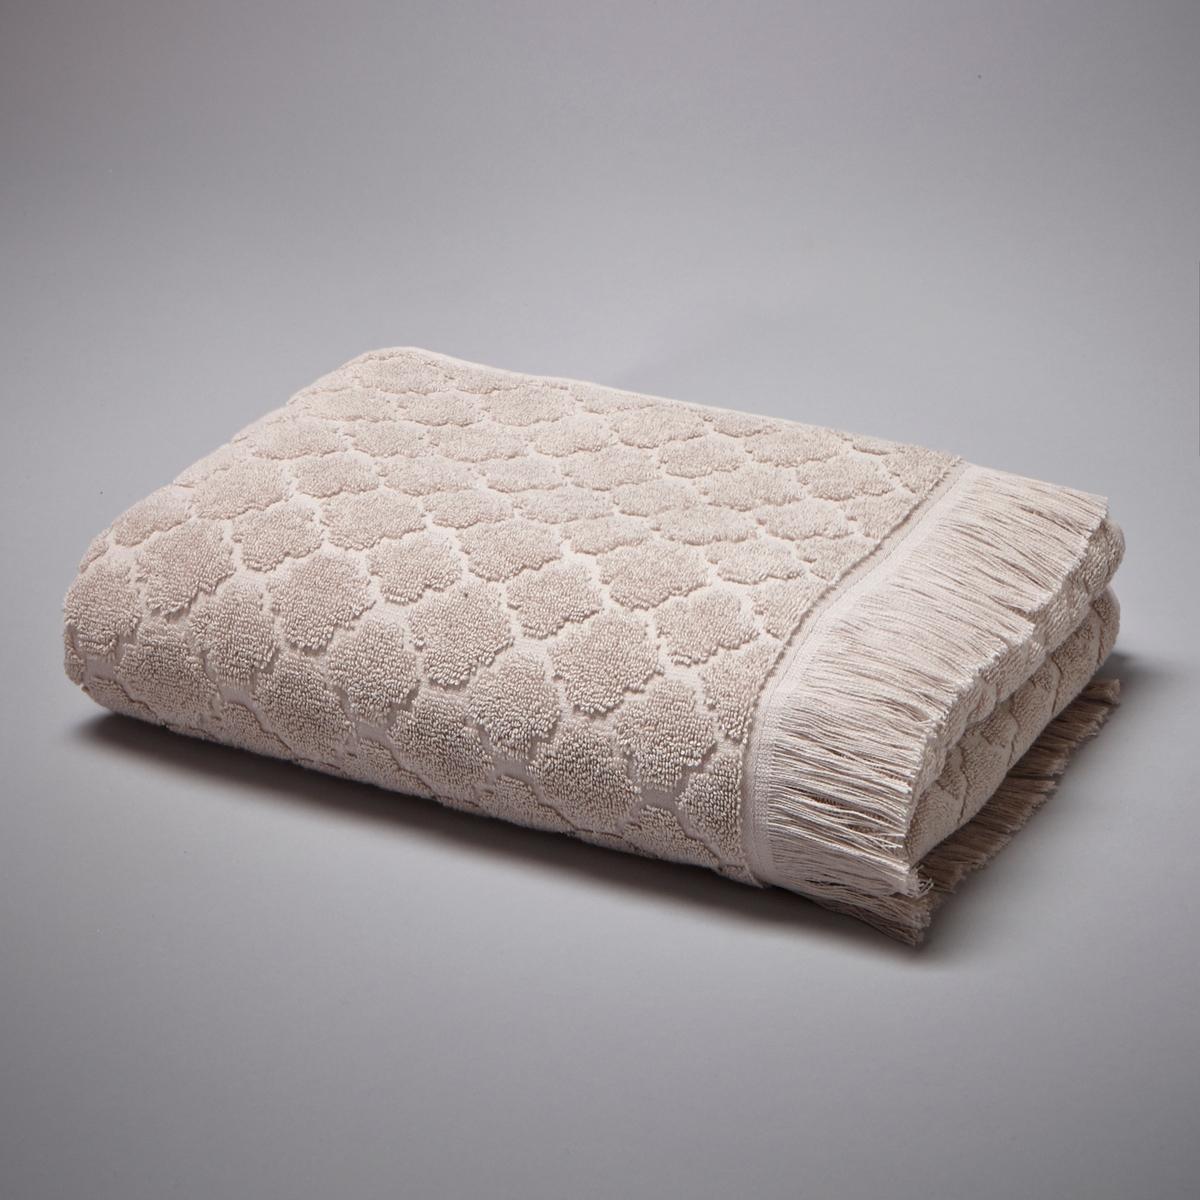 Полотенце АЛЖЮСТРЕЛЬ, 100% хлопкаЖаккардовое полотенце, 100% хлопка, 500 г/м?, выстриженные мотивы в восточном стиле. Отделка бахромой.Мягкая, нежная, впитывающая махровая ткань, стирка при 60°.Размеры полотенца: 50 x 100 см.<br><br>Цвет: бежевый песочный,розовое дерево,серо-синий,серый,экрю